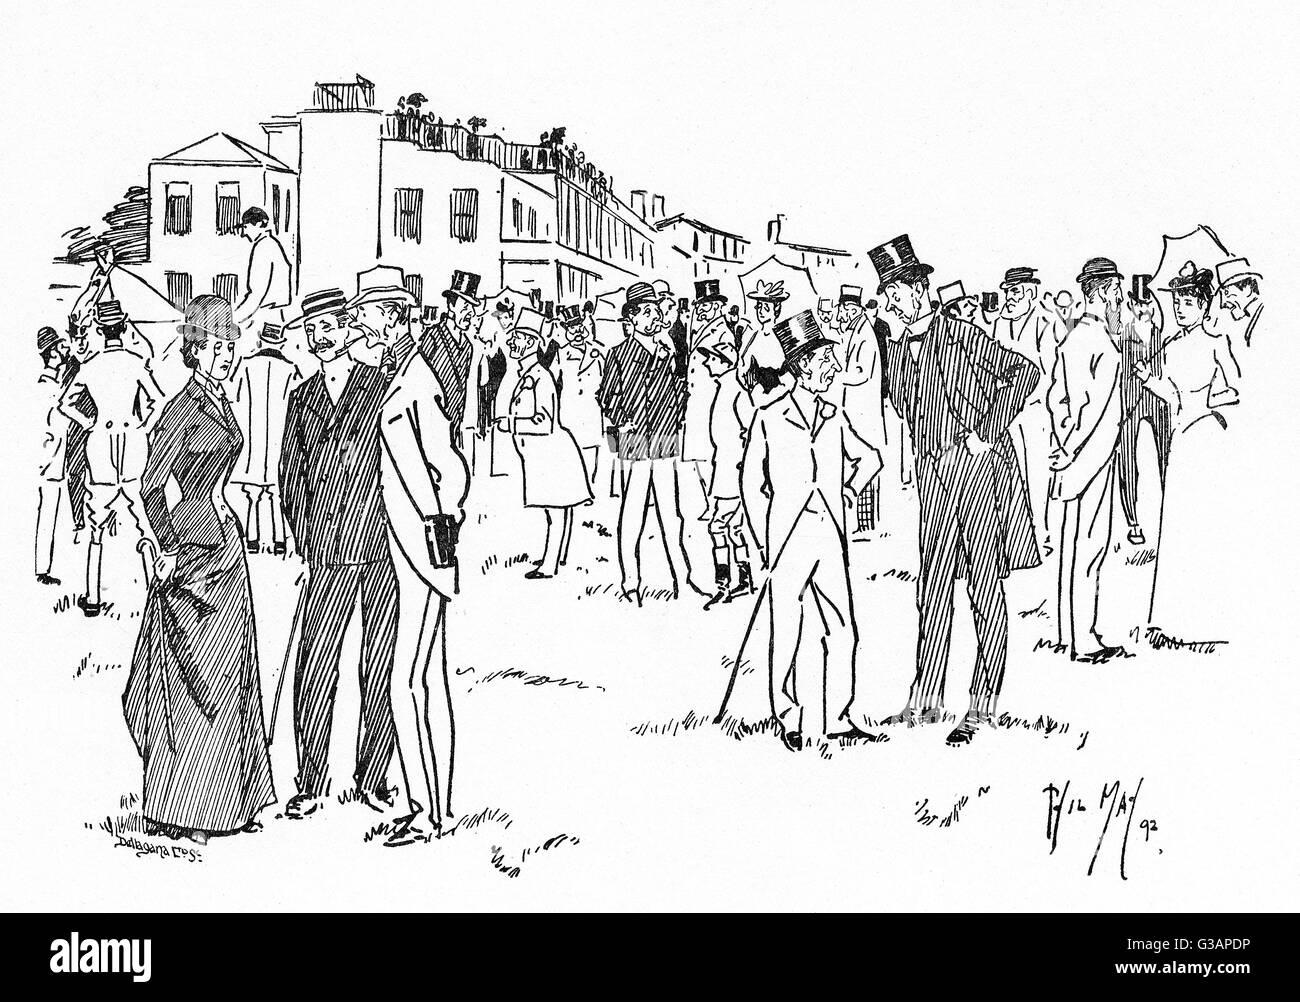 Carreras de Caballos - un hipódromo Paddock escena Fecha: 1892 Imagen De Stock